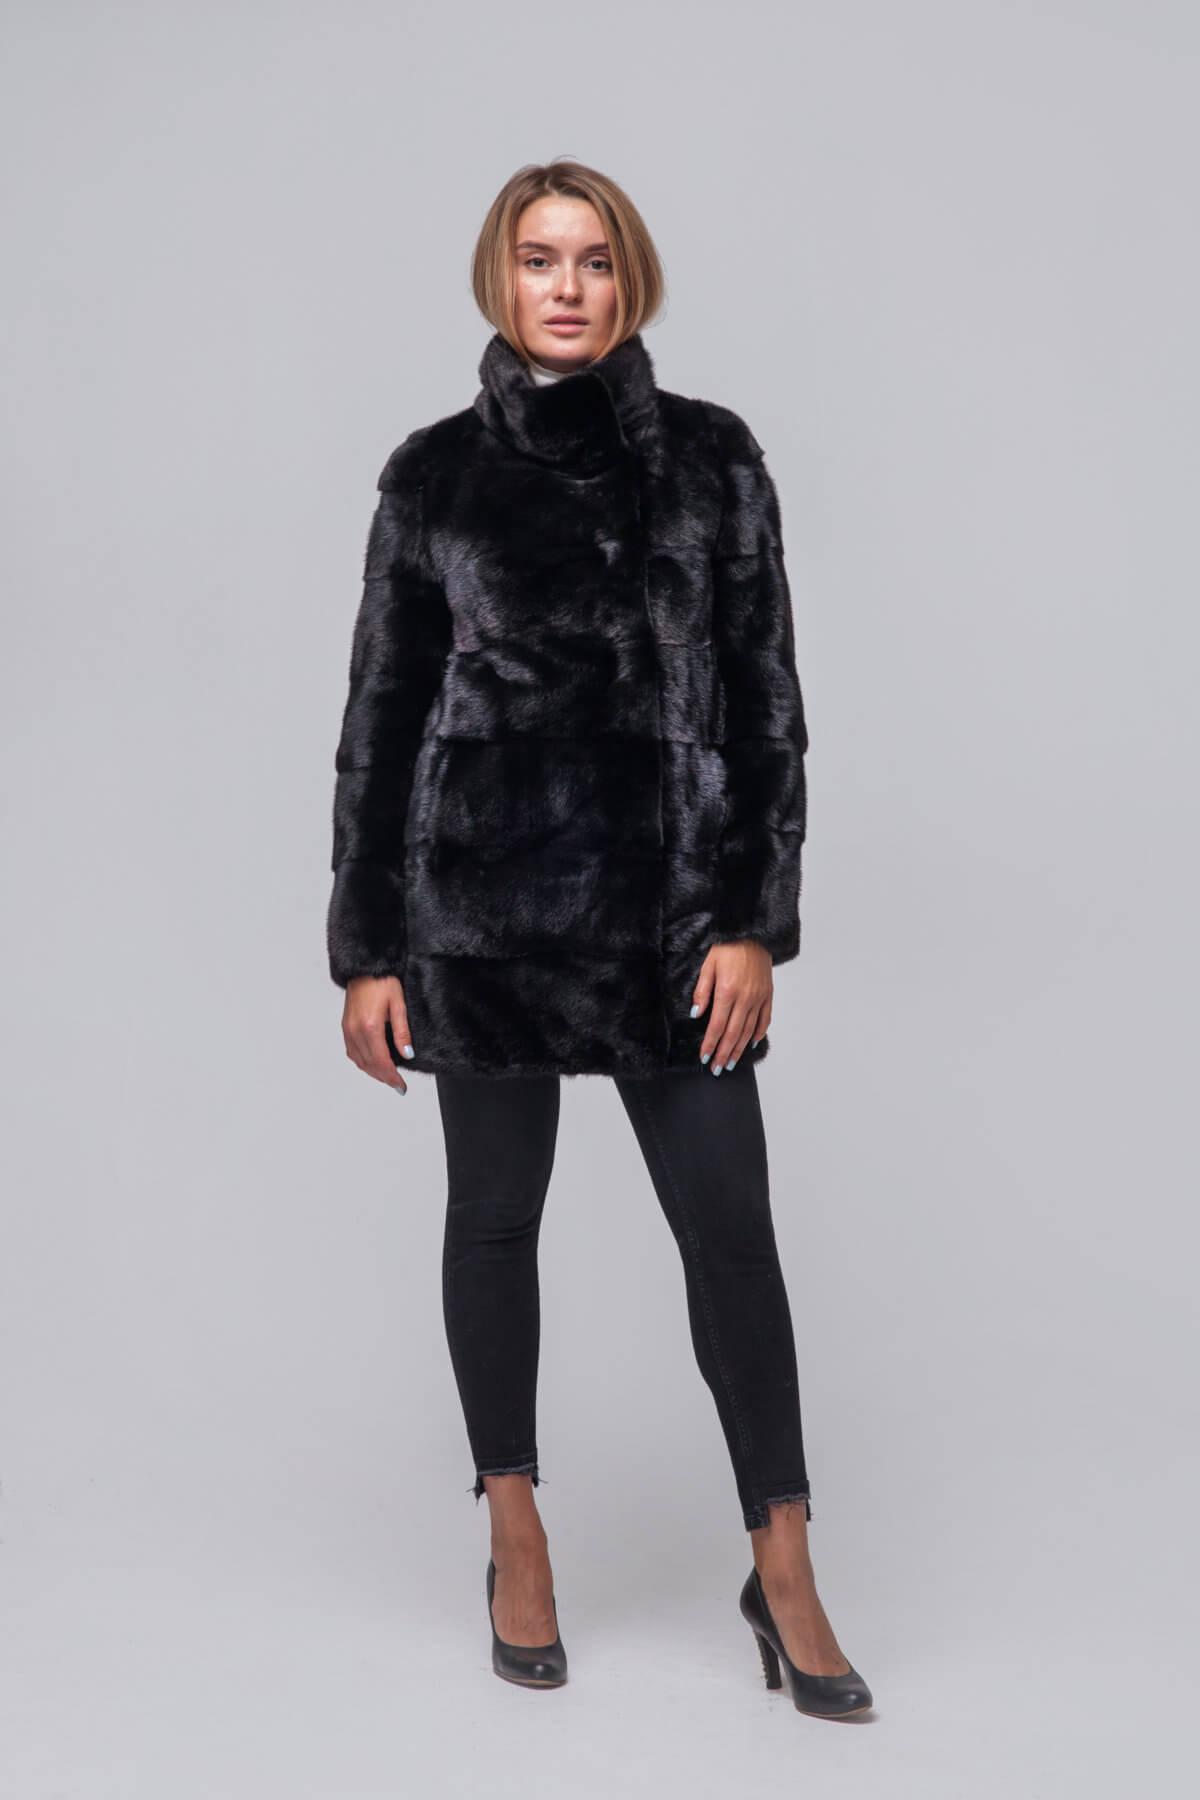 Полупальто из скандинавской норки Kopenhagen Fur. Фото 1